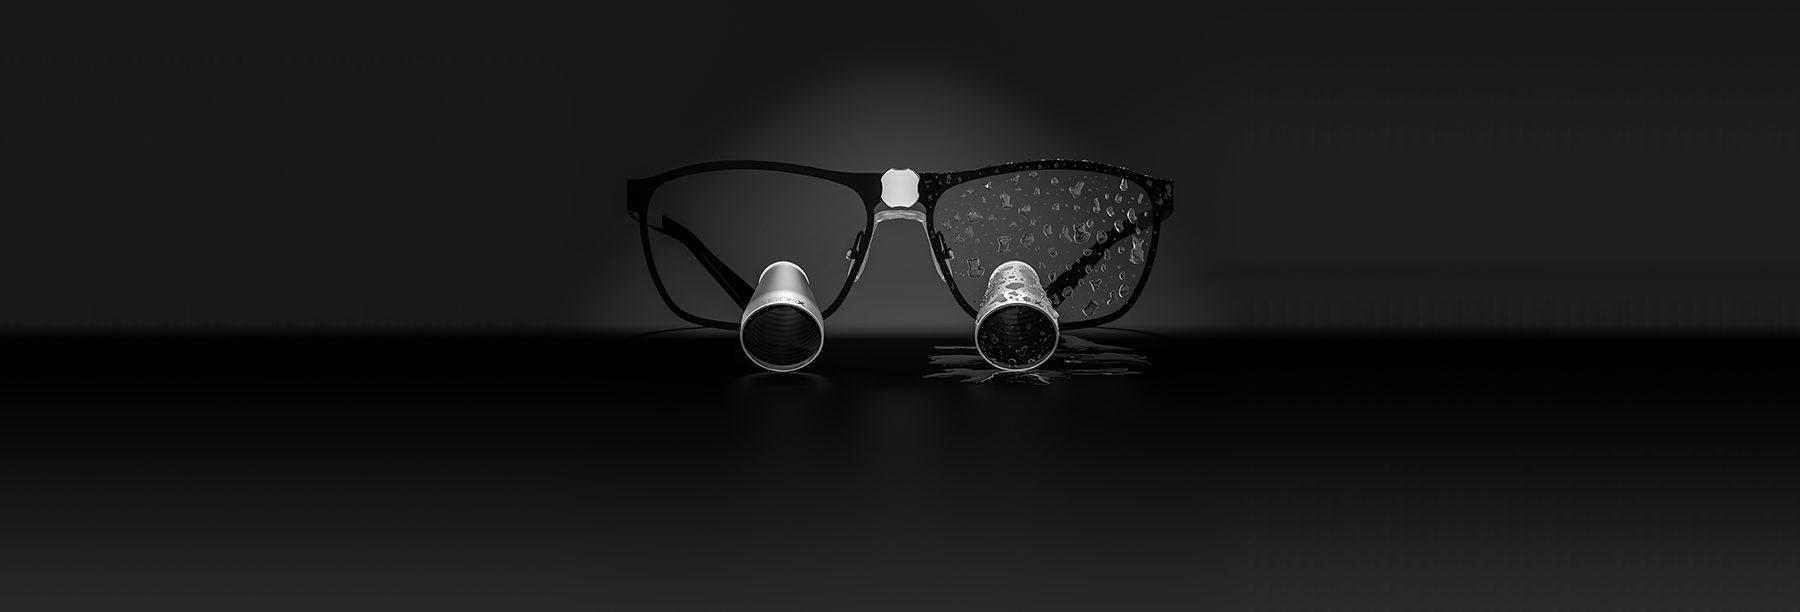 VISONX lupbriller